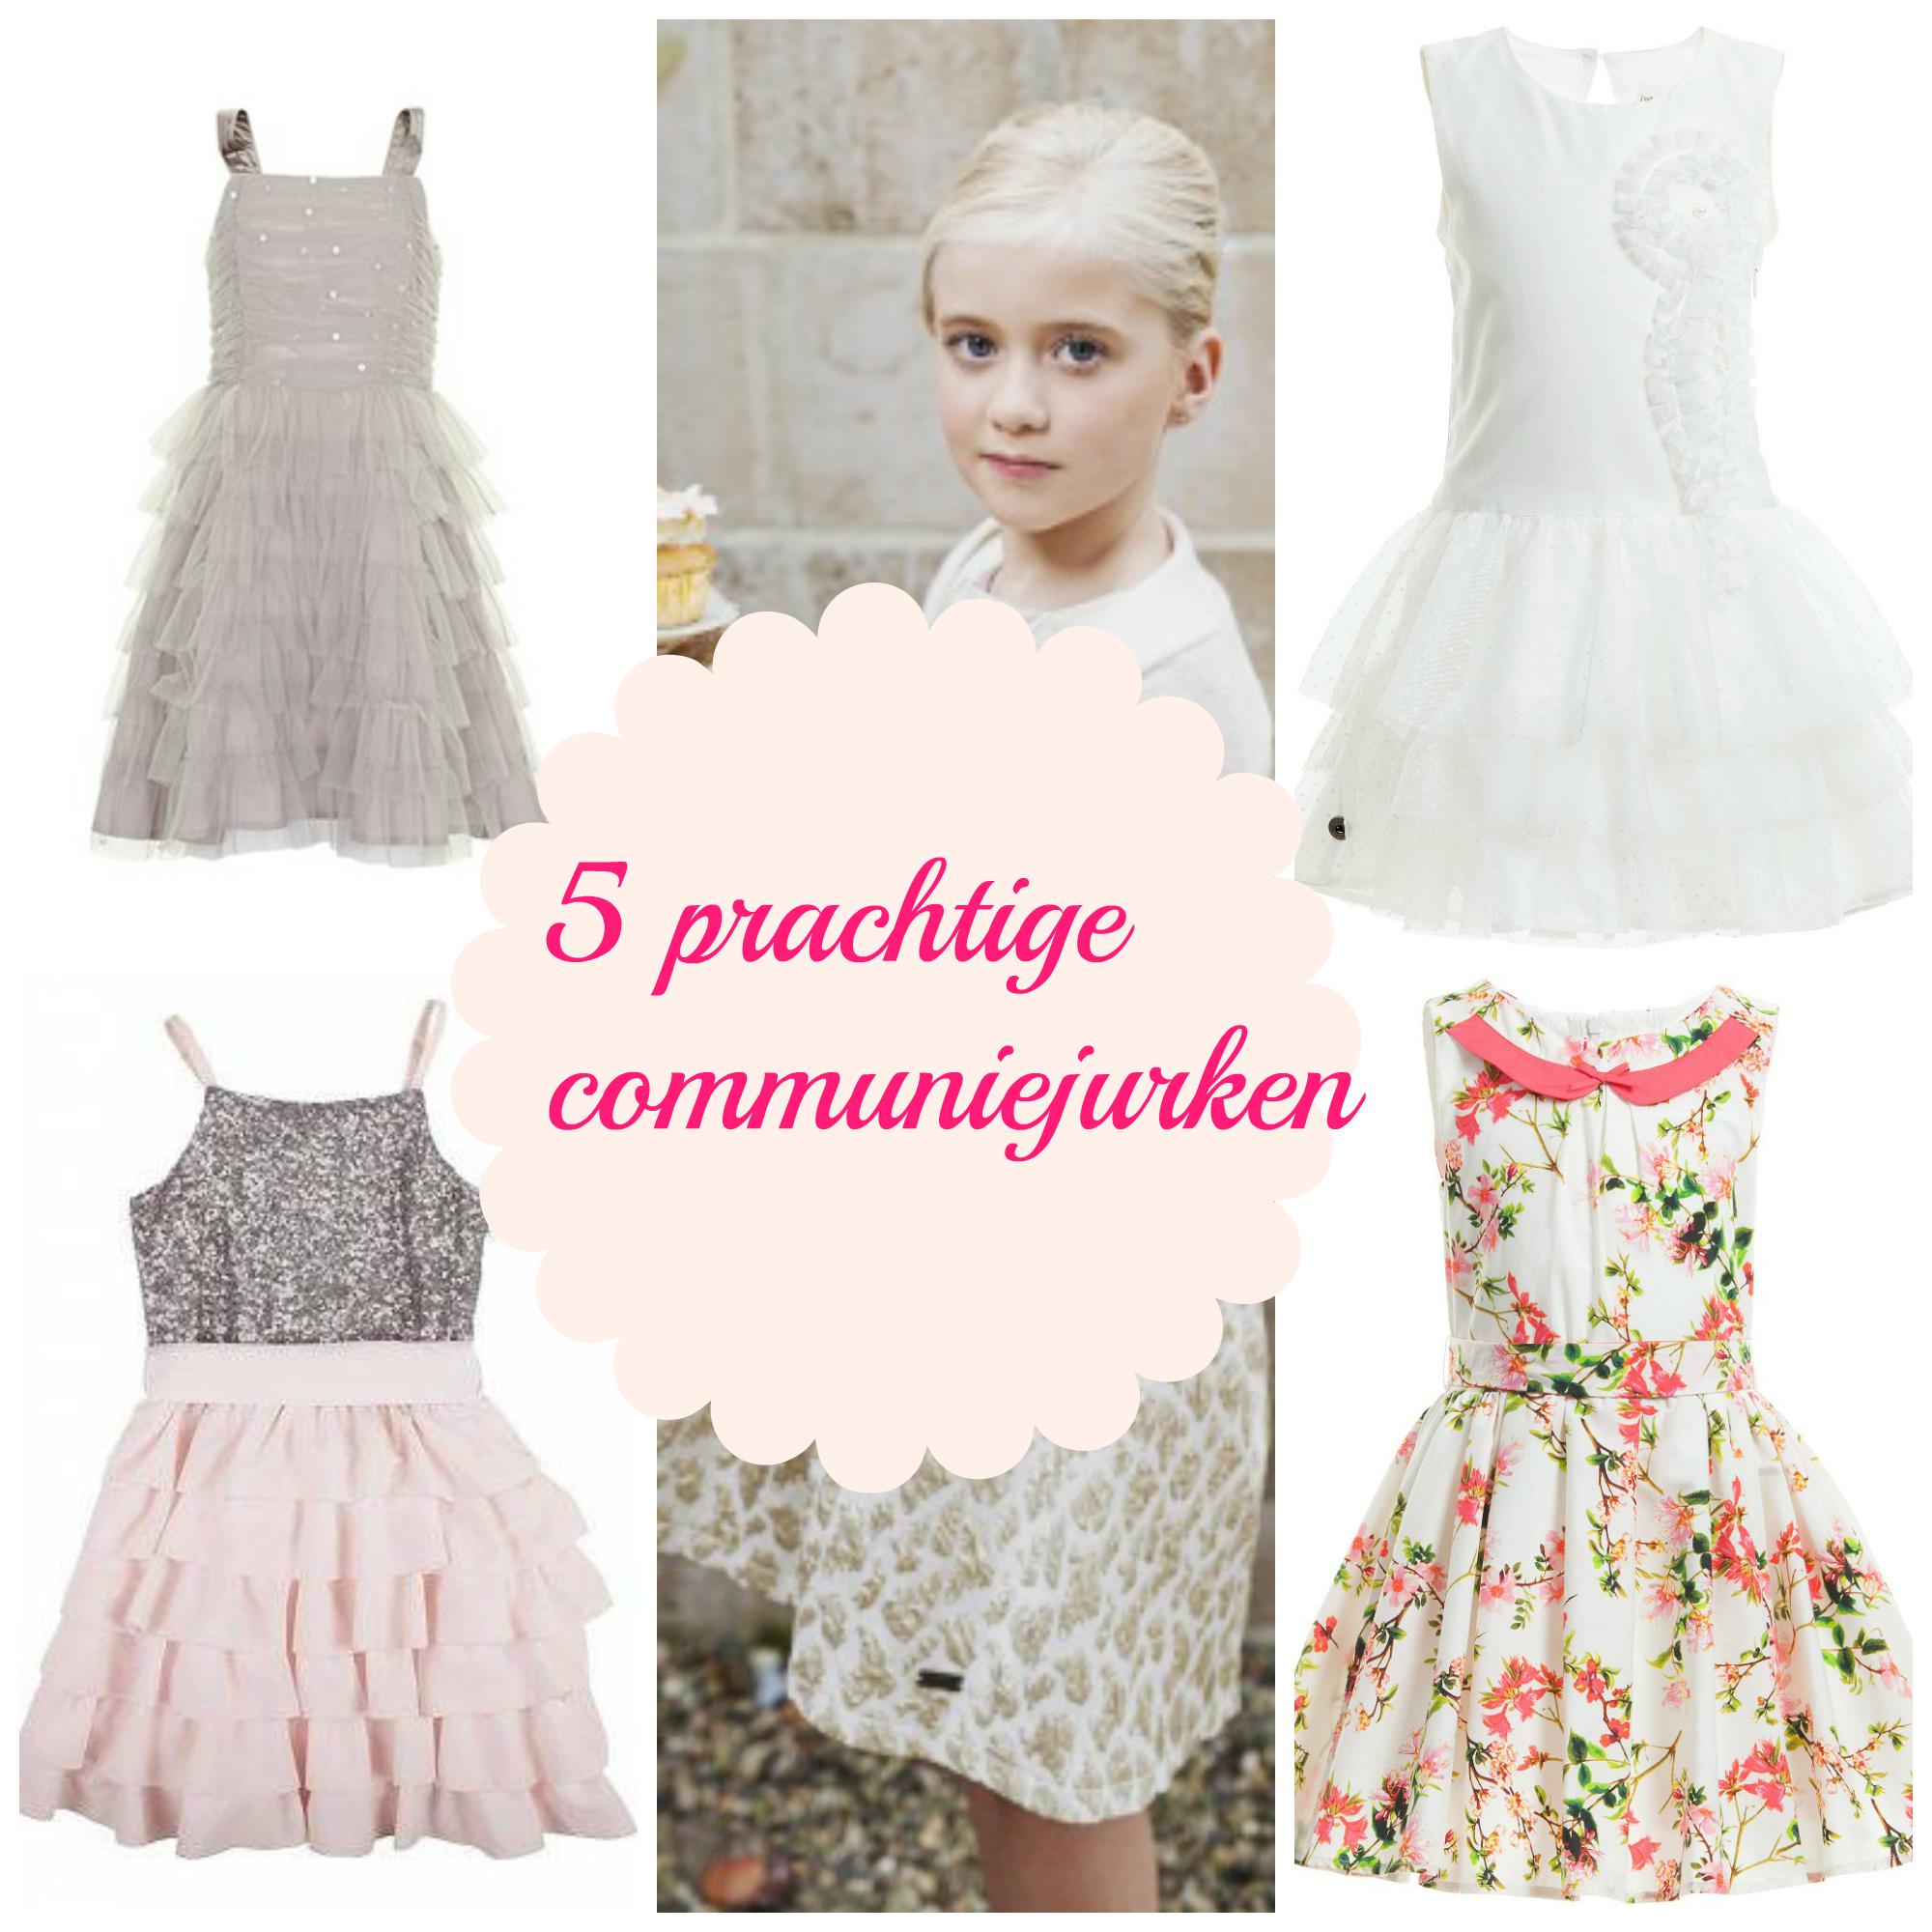 Communie_communiejurk_eerste communie_Jottum_Rumbl_communiejurken voor meisjes_GoodGirlsCompany